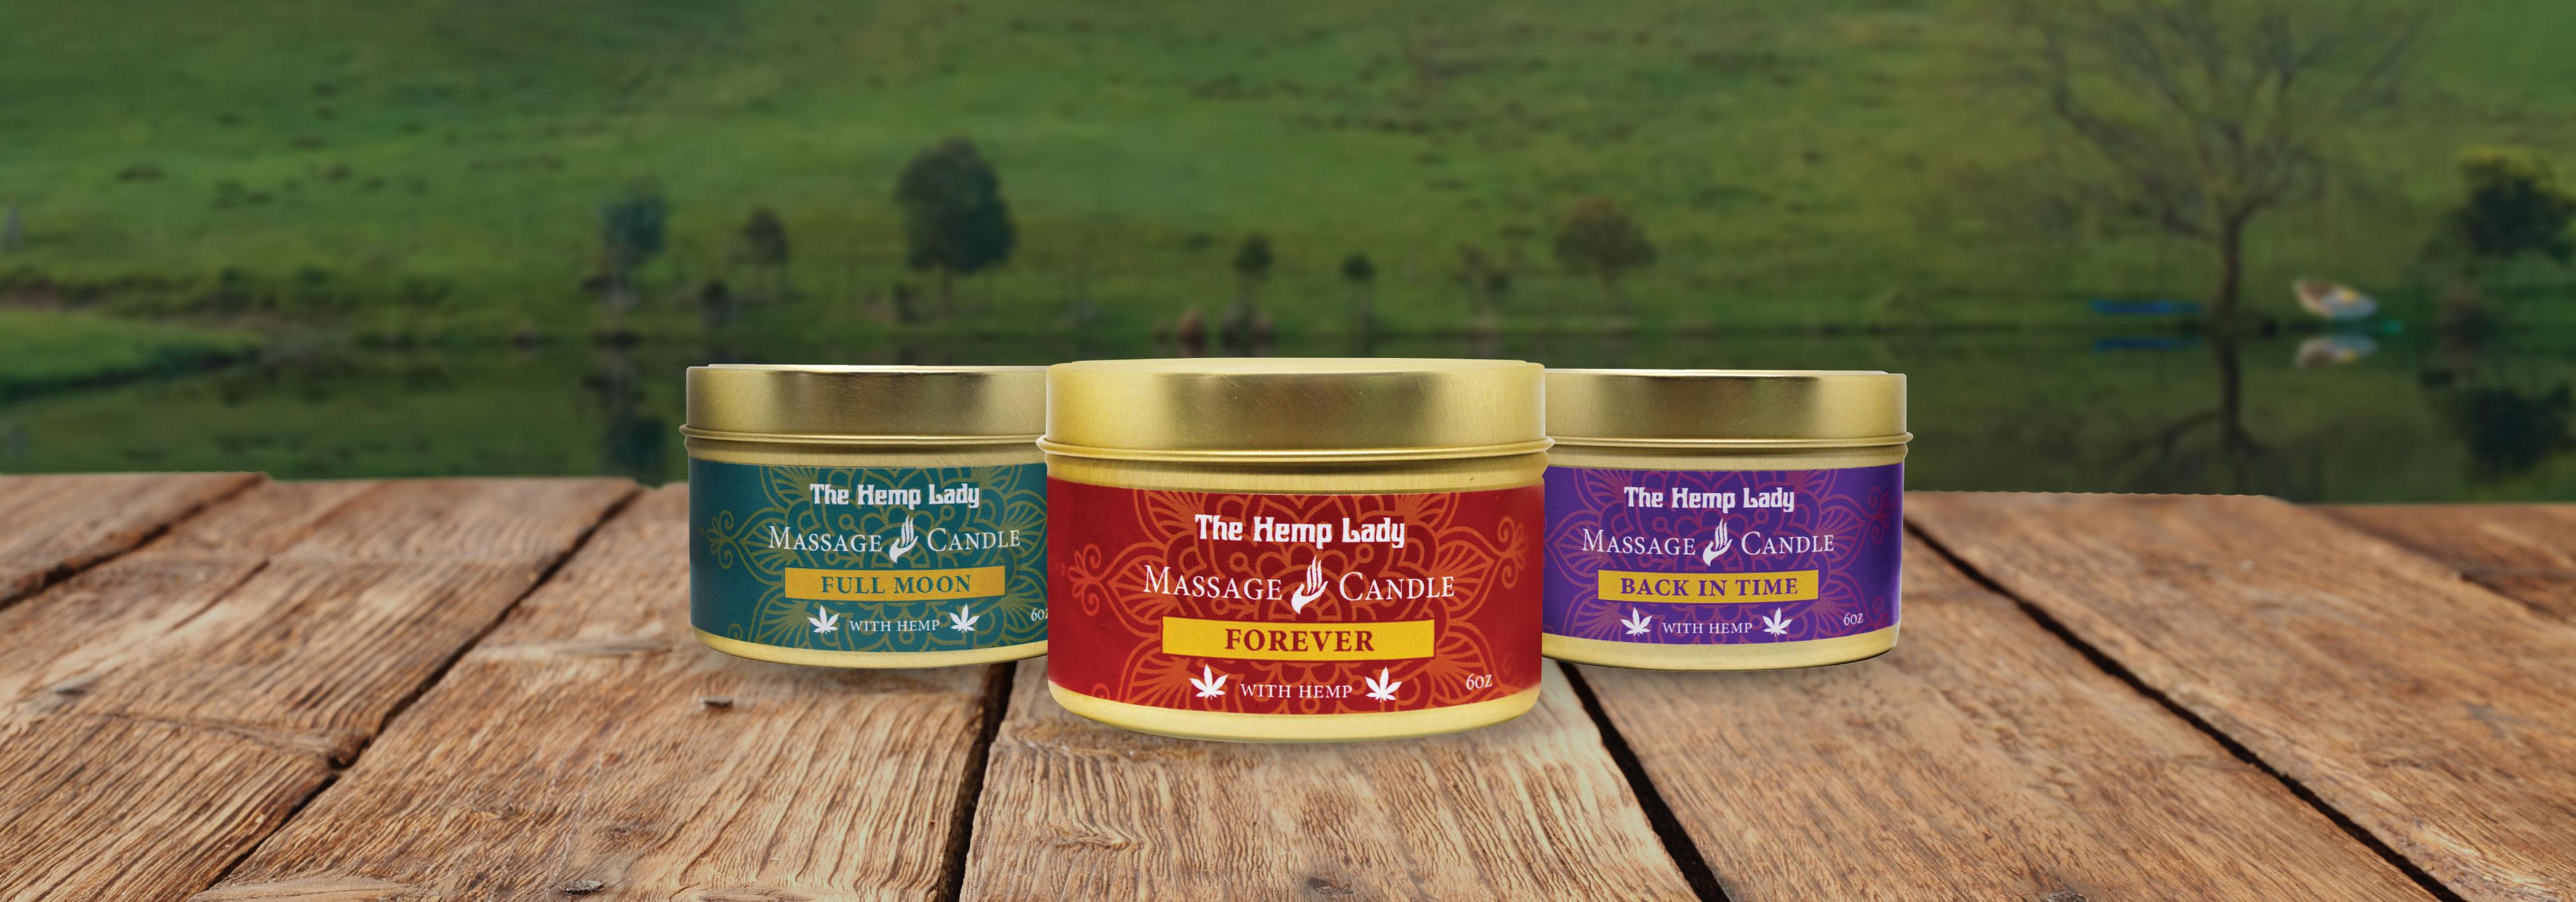 Organic Hemp Products | The Hemp Lady